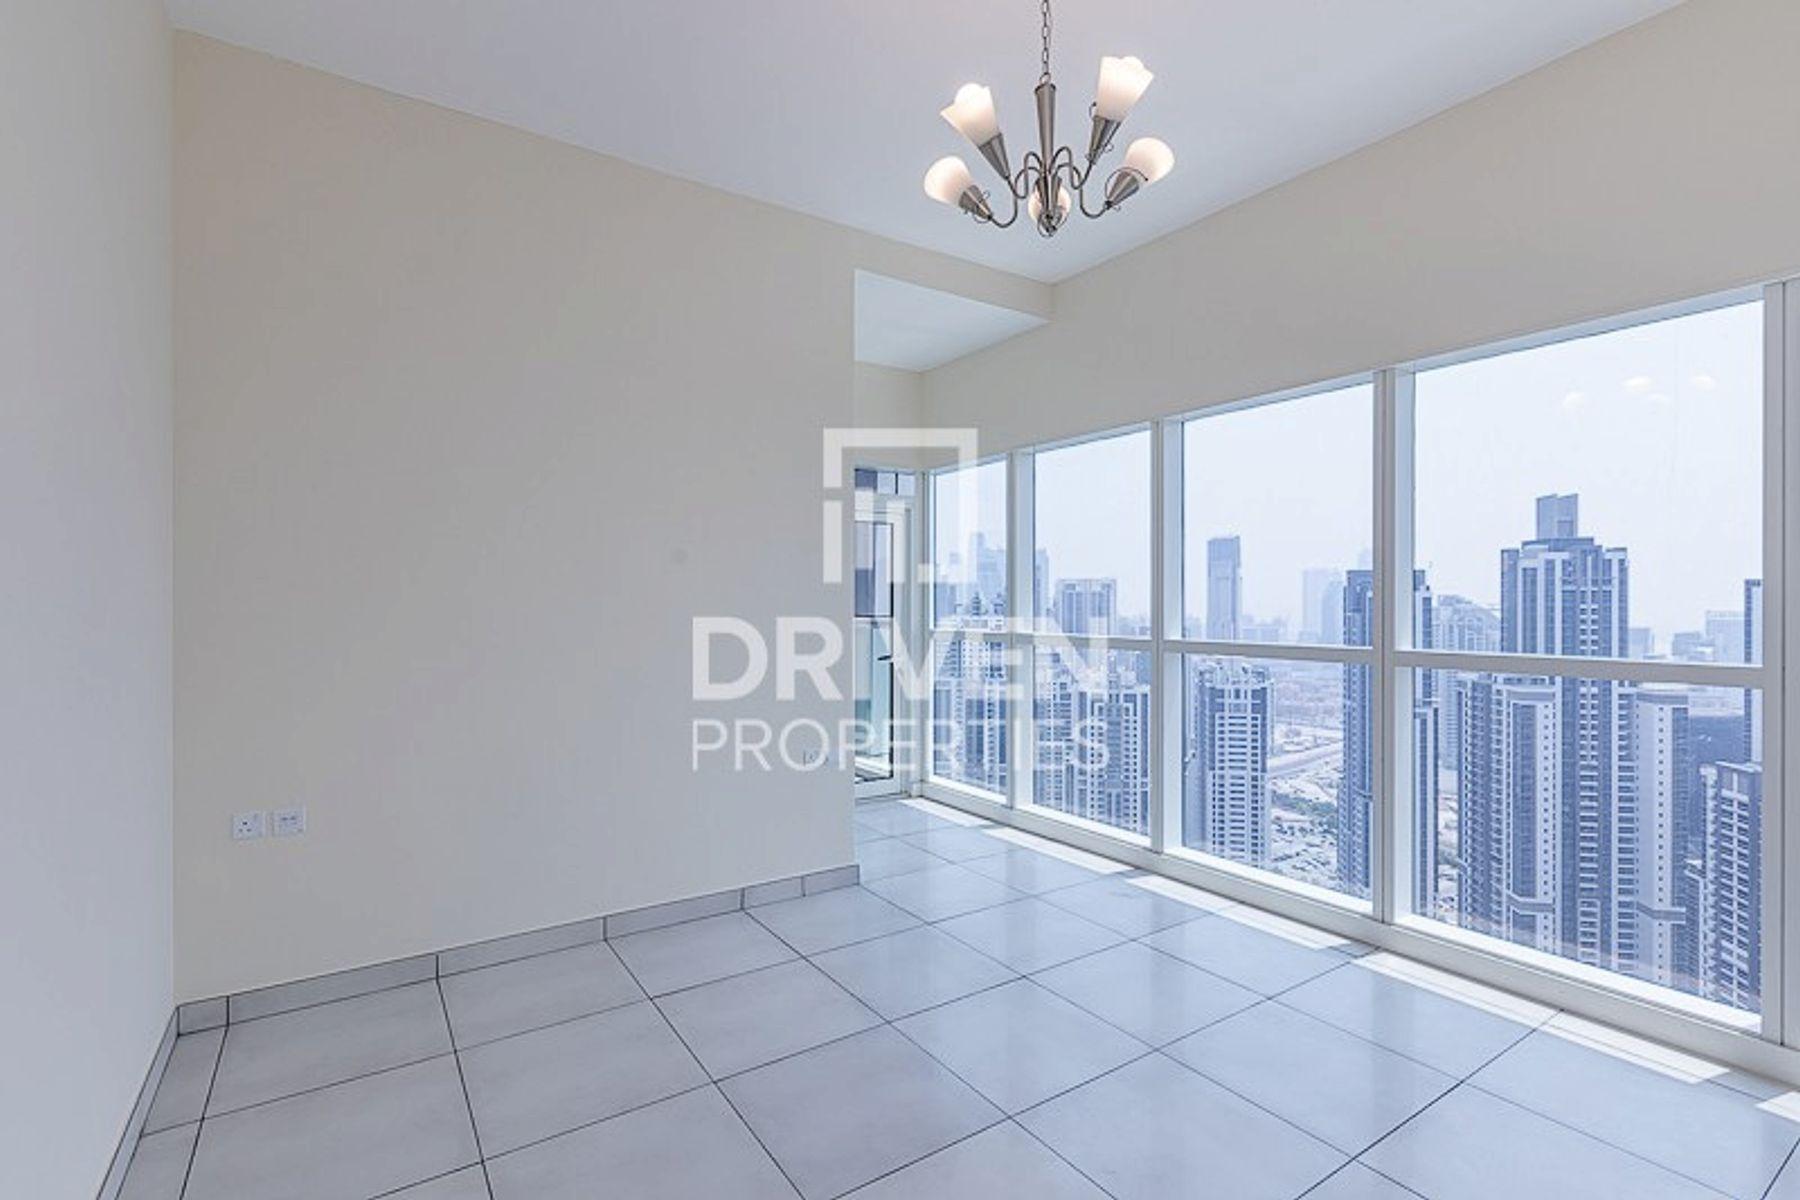 للايجار - شقة - برج البتها - الخليج التجاري